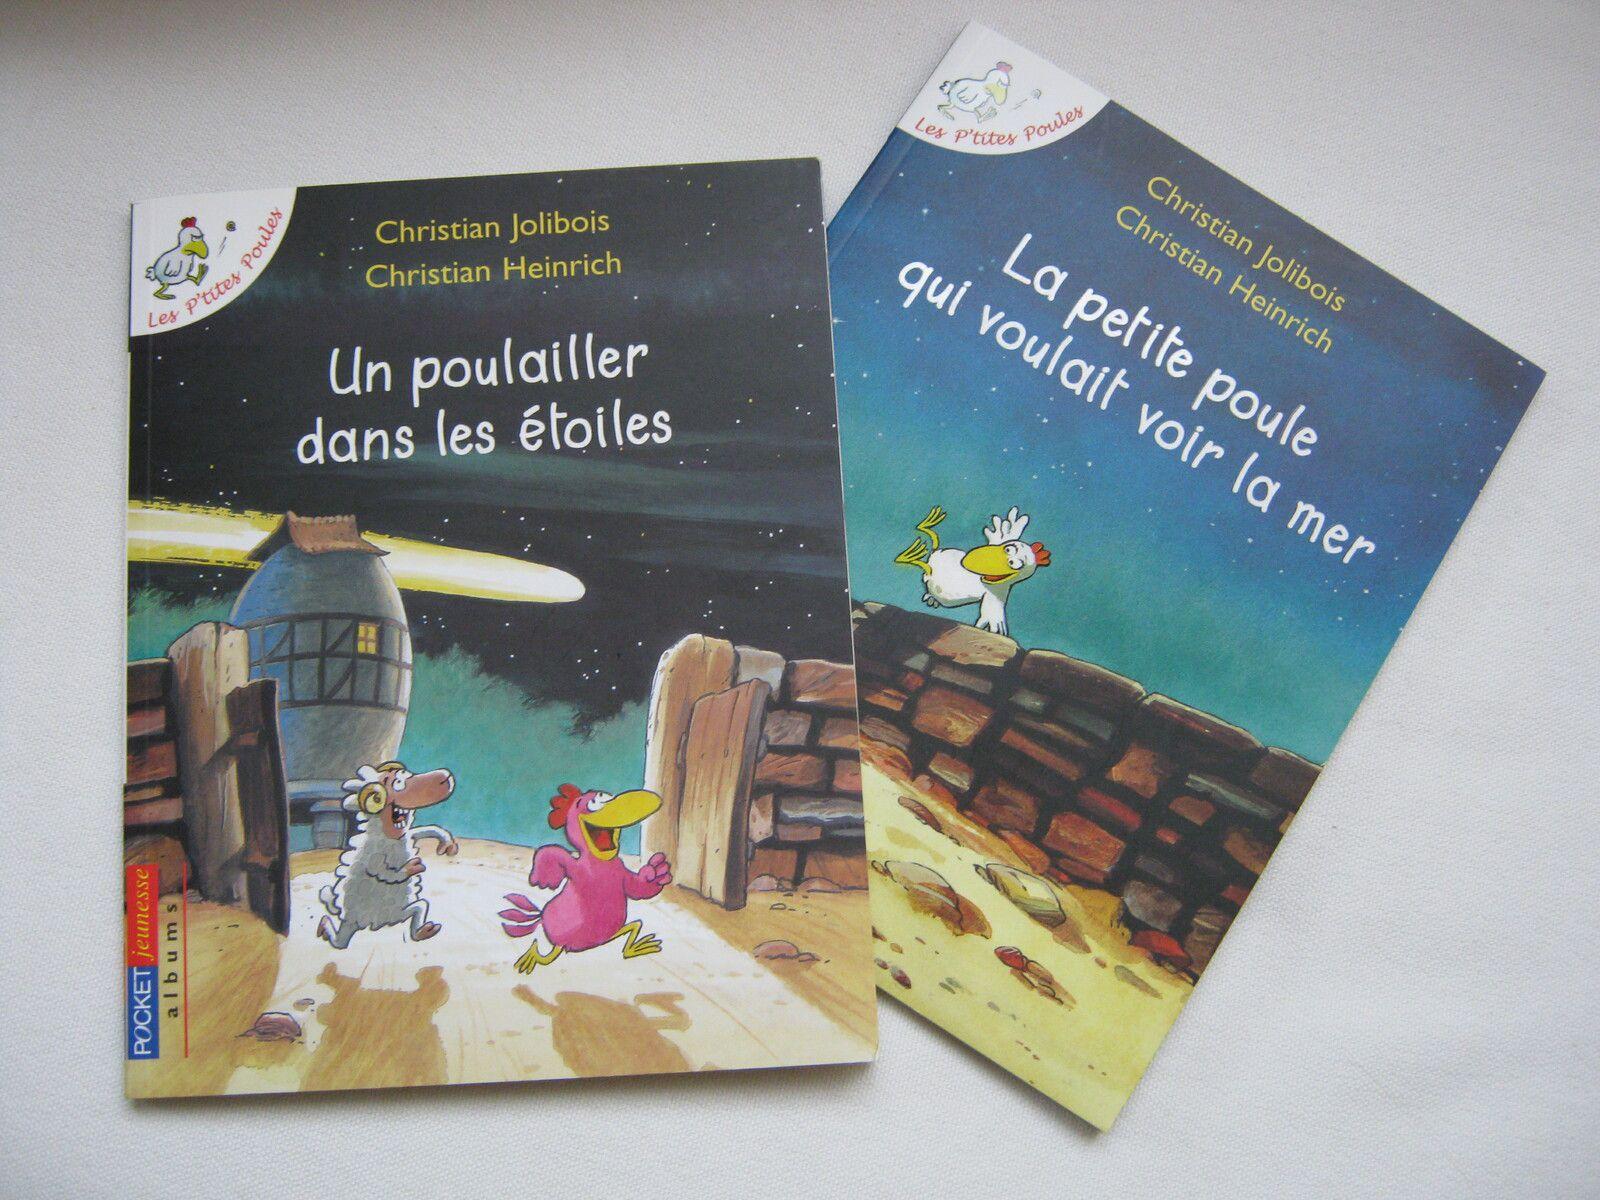 Les livres des petites poules, on est fan ! Parfait pour notre semaine à thème sur les poules !